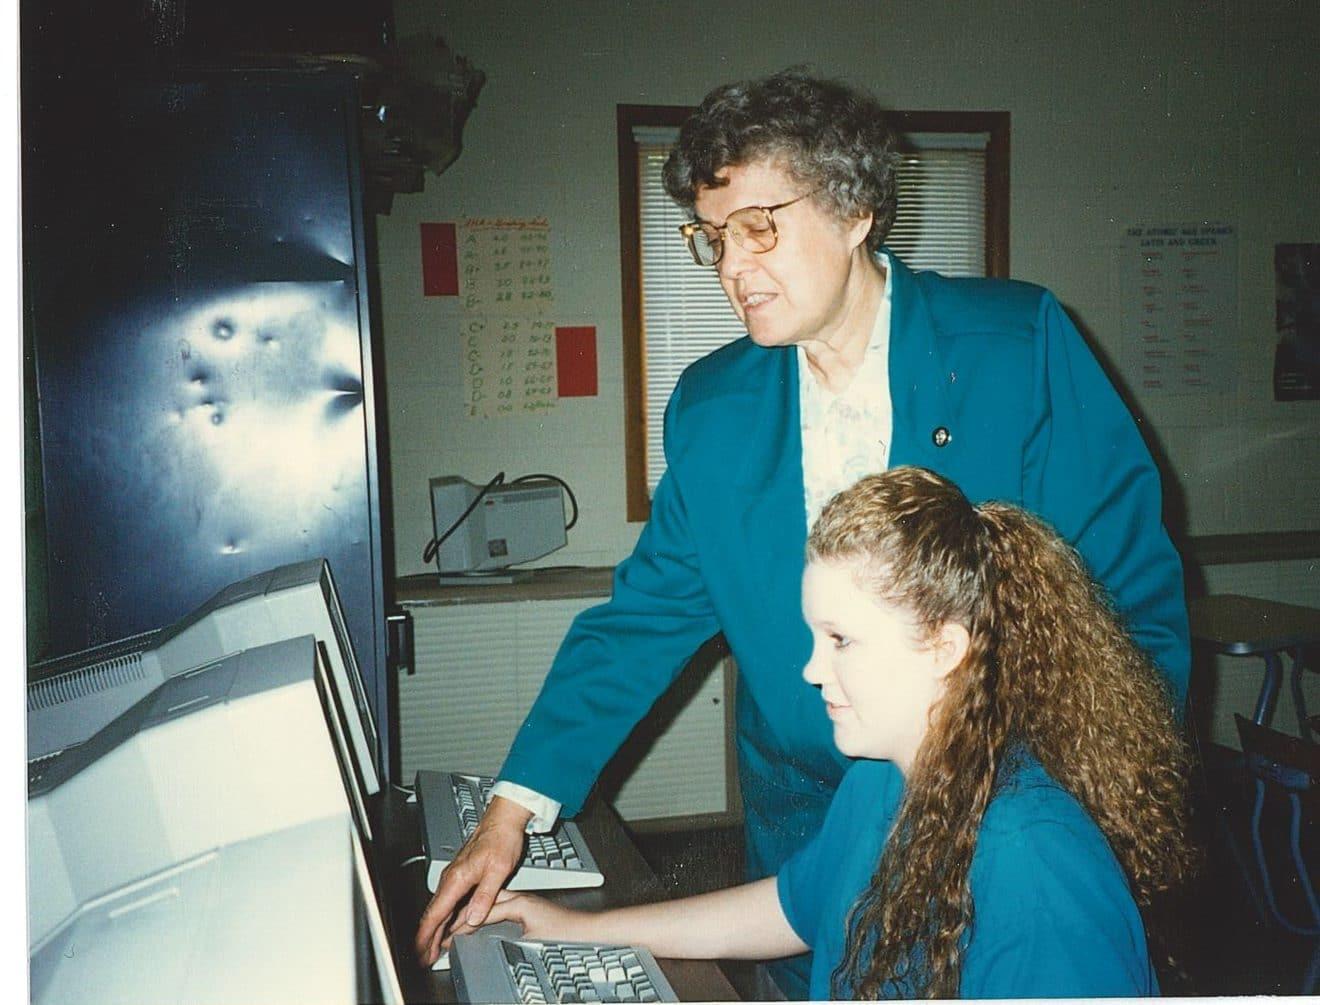 Sister Thaddeus teaching Latin 1994